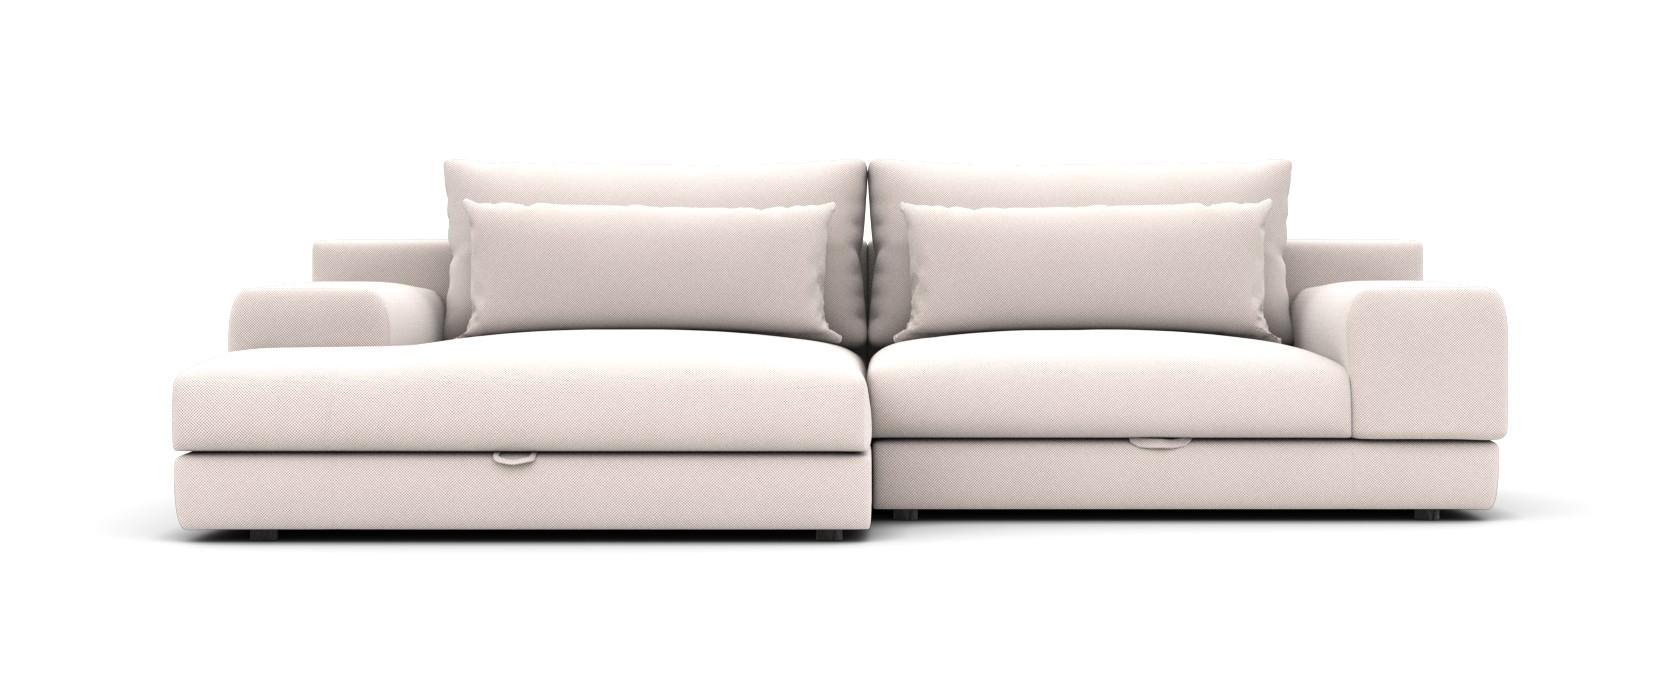 Угловой диван Dario - Pufetto